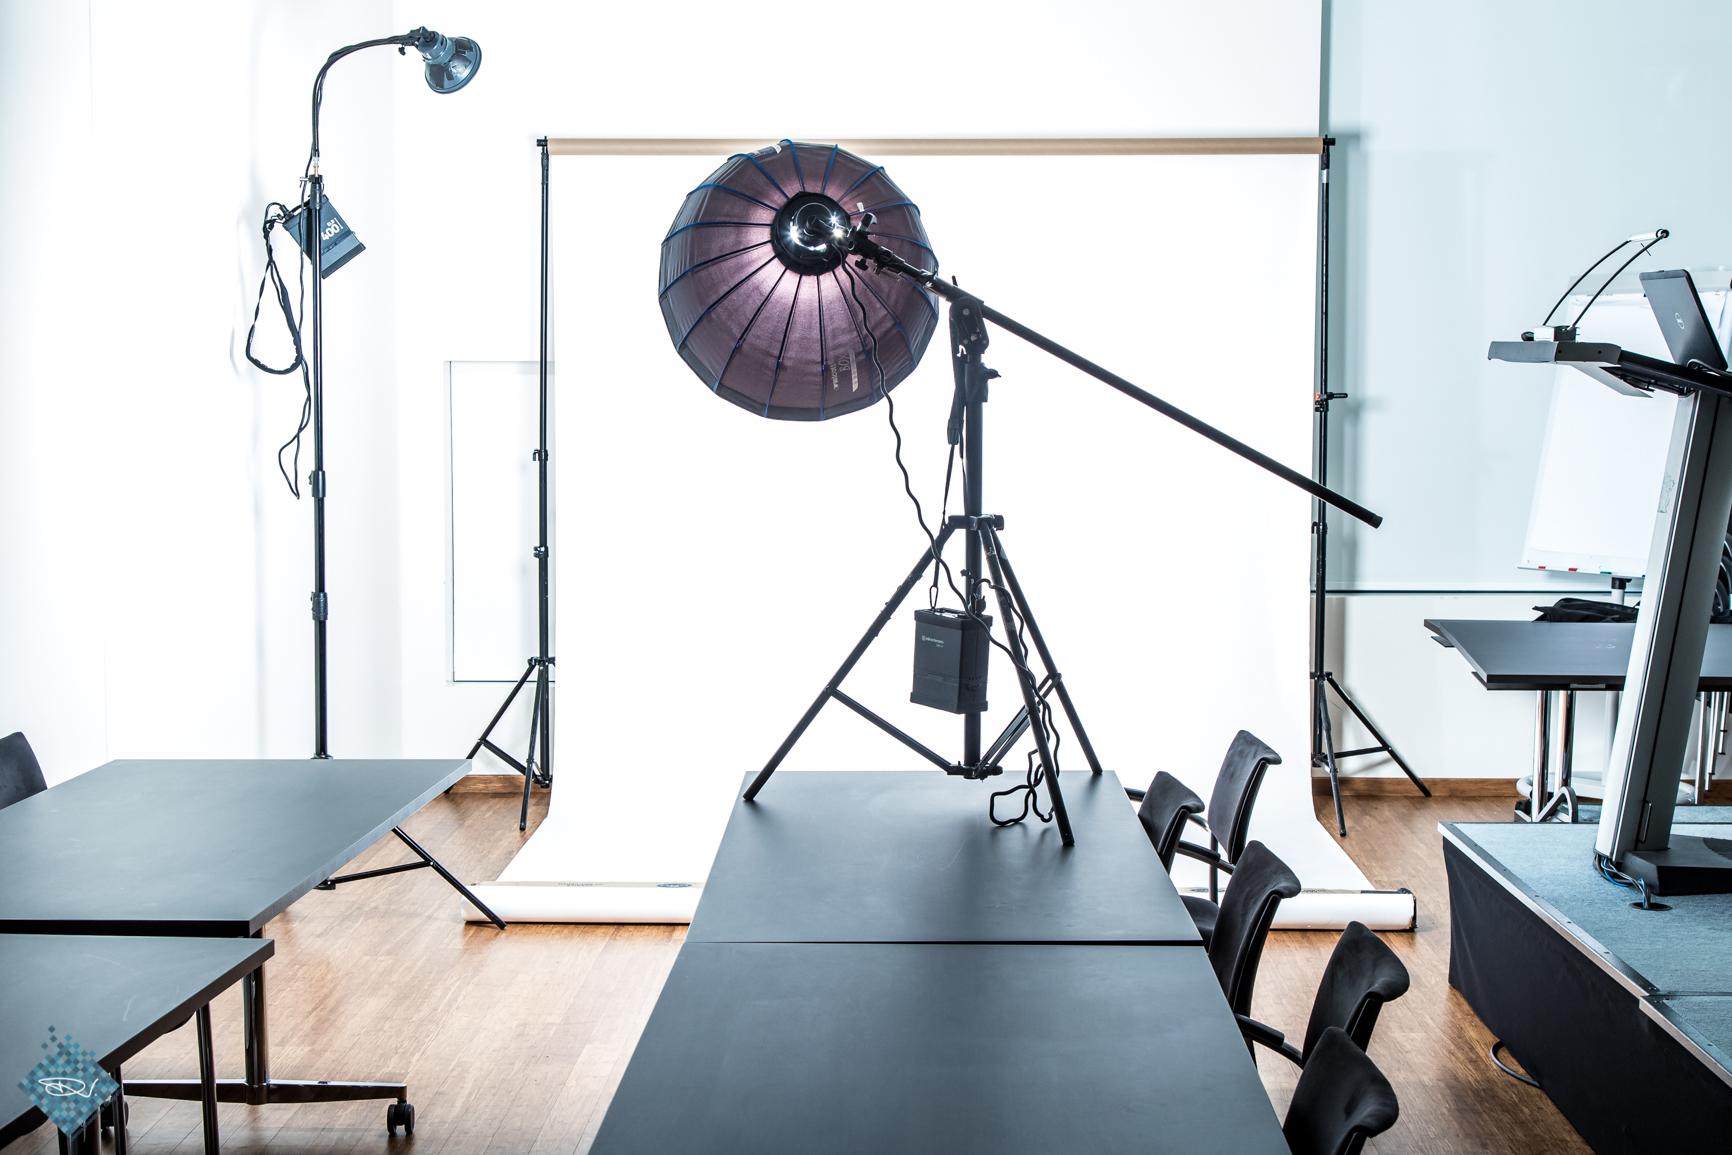 Bij gebrek aan een beschikbare studio heb ik zelf op de Sint Maartenskliniek een studio gebouwd in 1 van de vergaderruimtes...